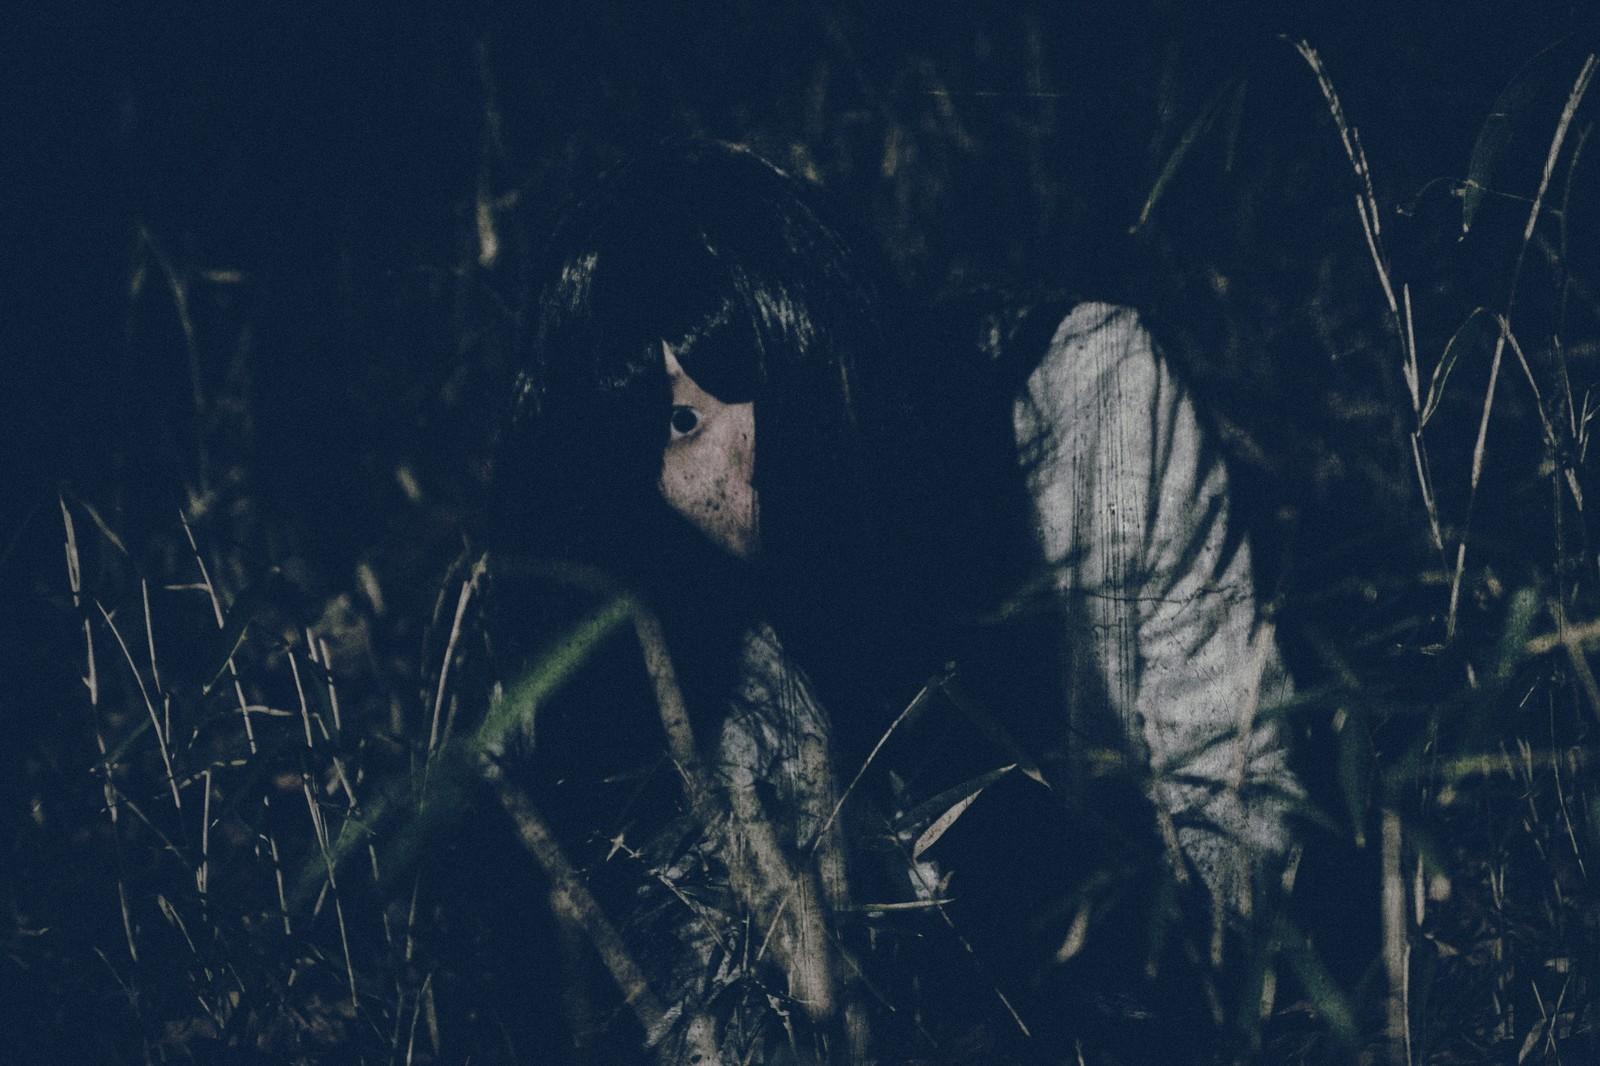 大谷池の山道で!友達が見た恐怖の女性の霊とは?